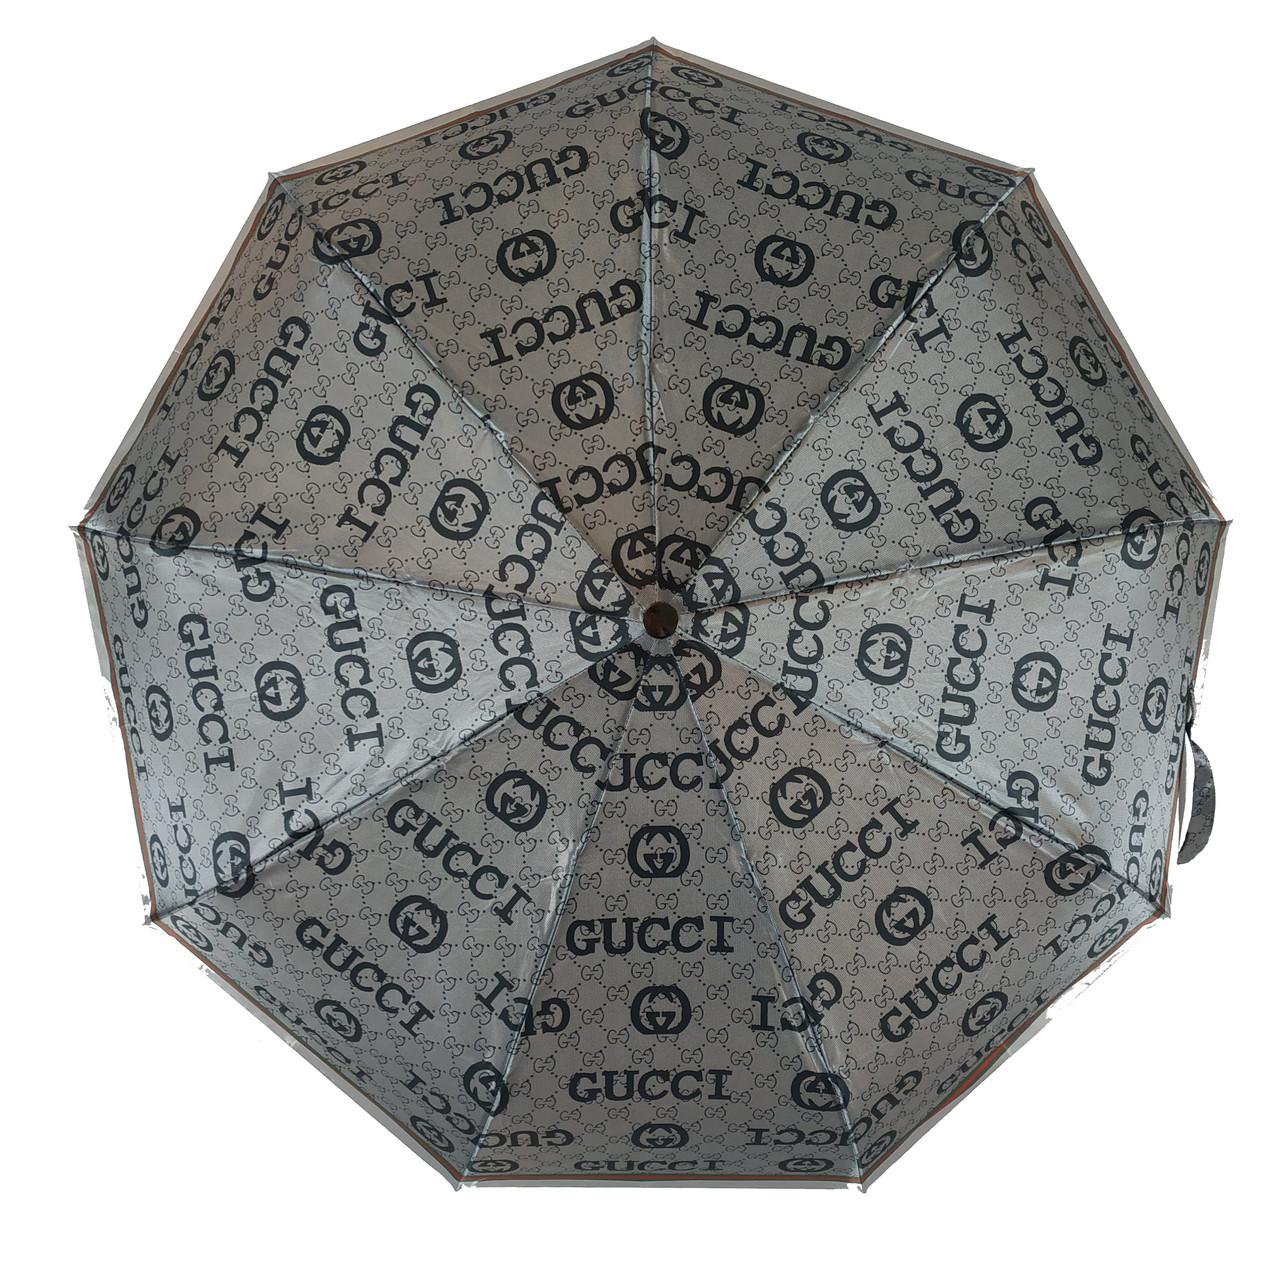 Женский зонт автомат Zita, с изображением логотипов модных брендов, серый, 6020-3